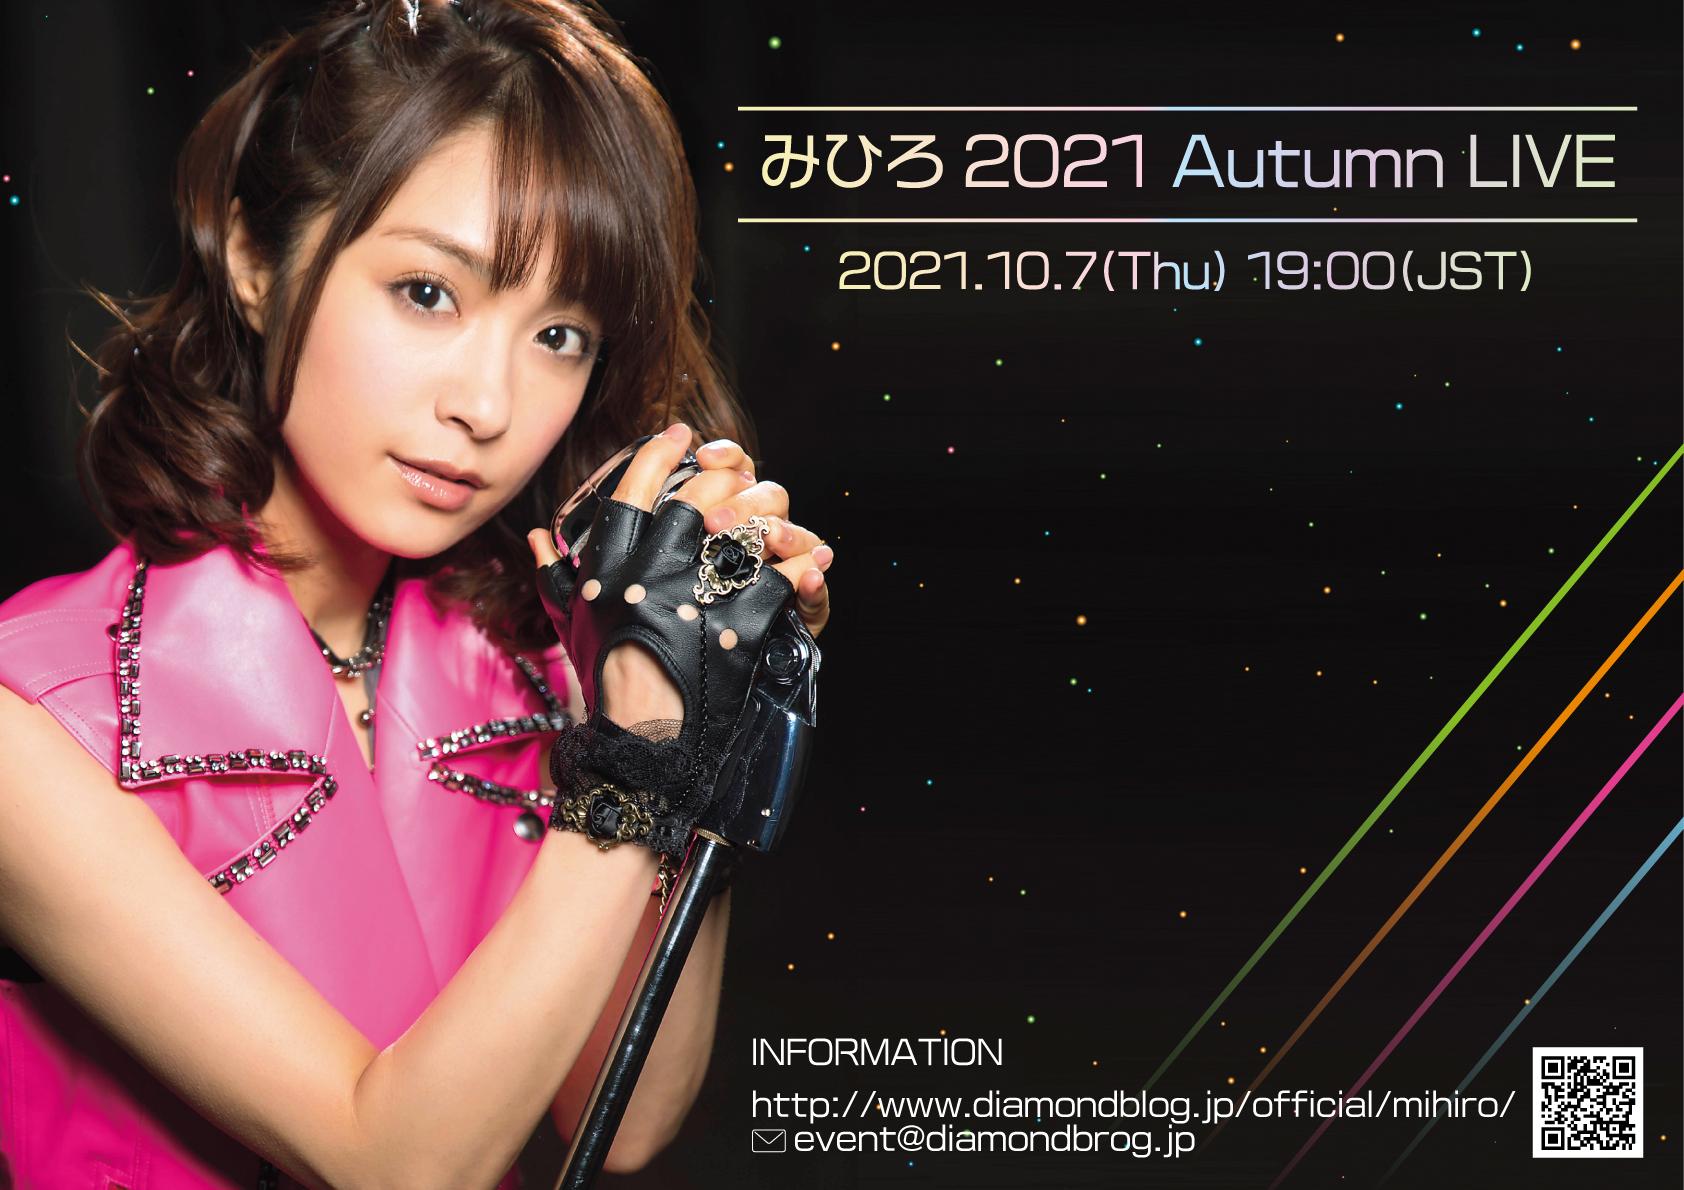 みひろ Autumn LIVE 2021